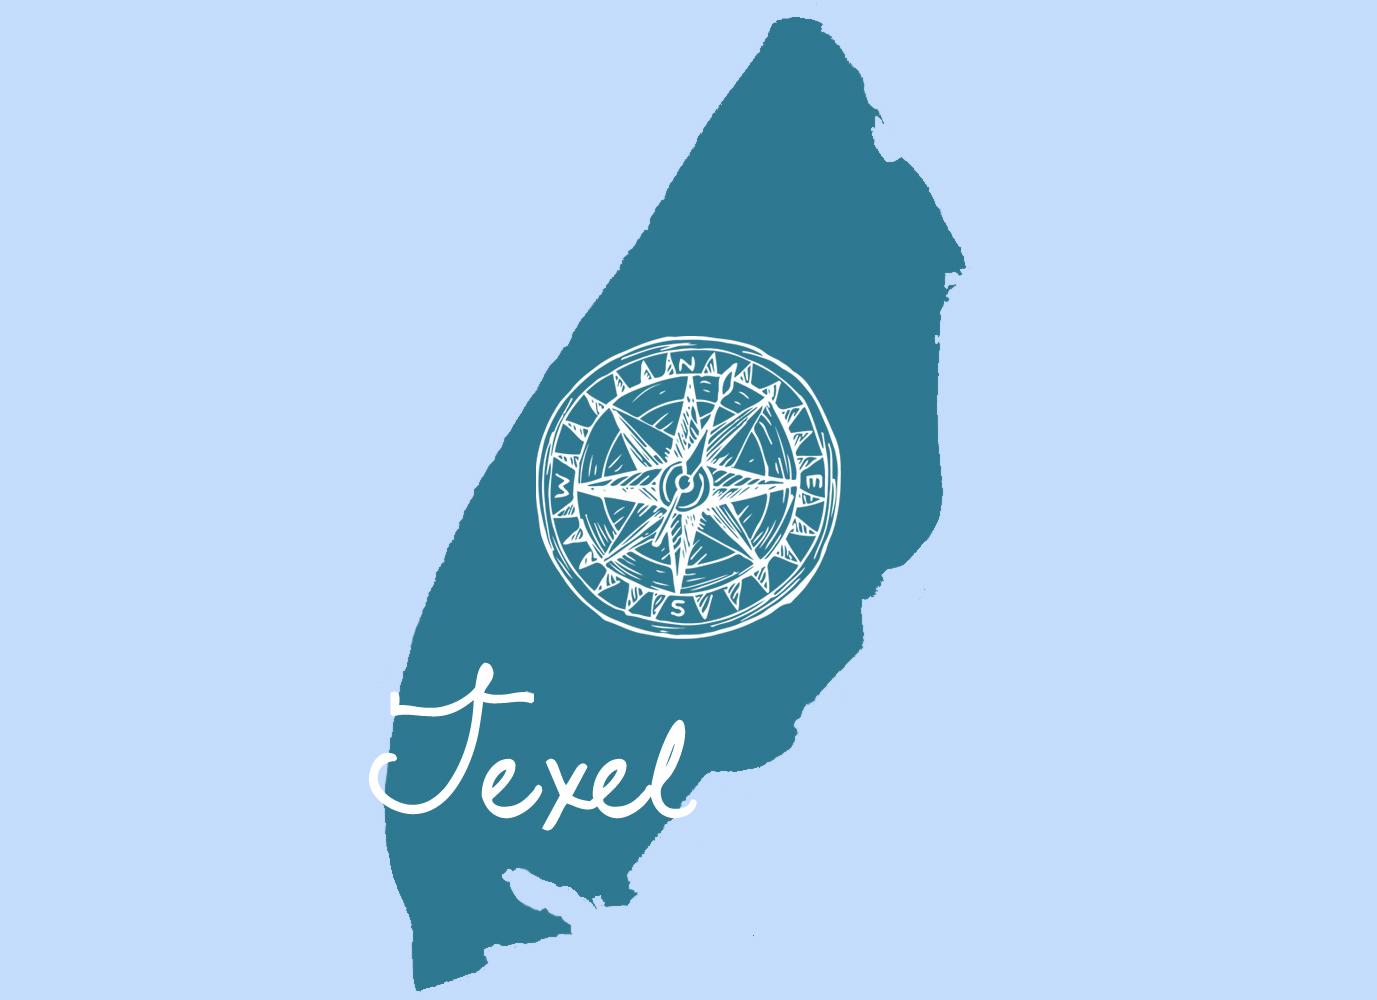 Texel Map Lomoherz Download